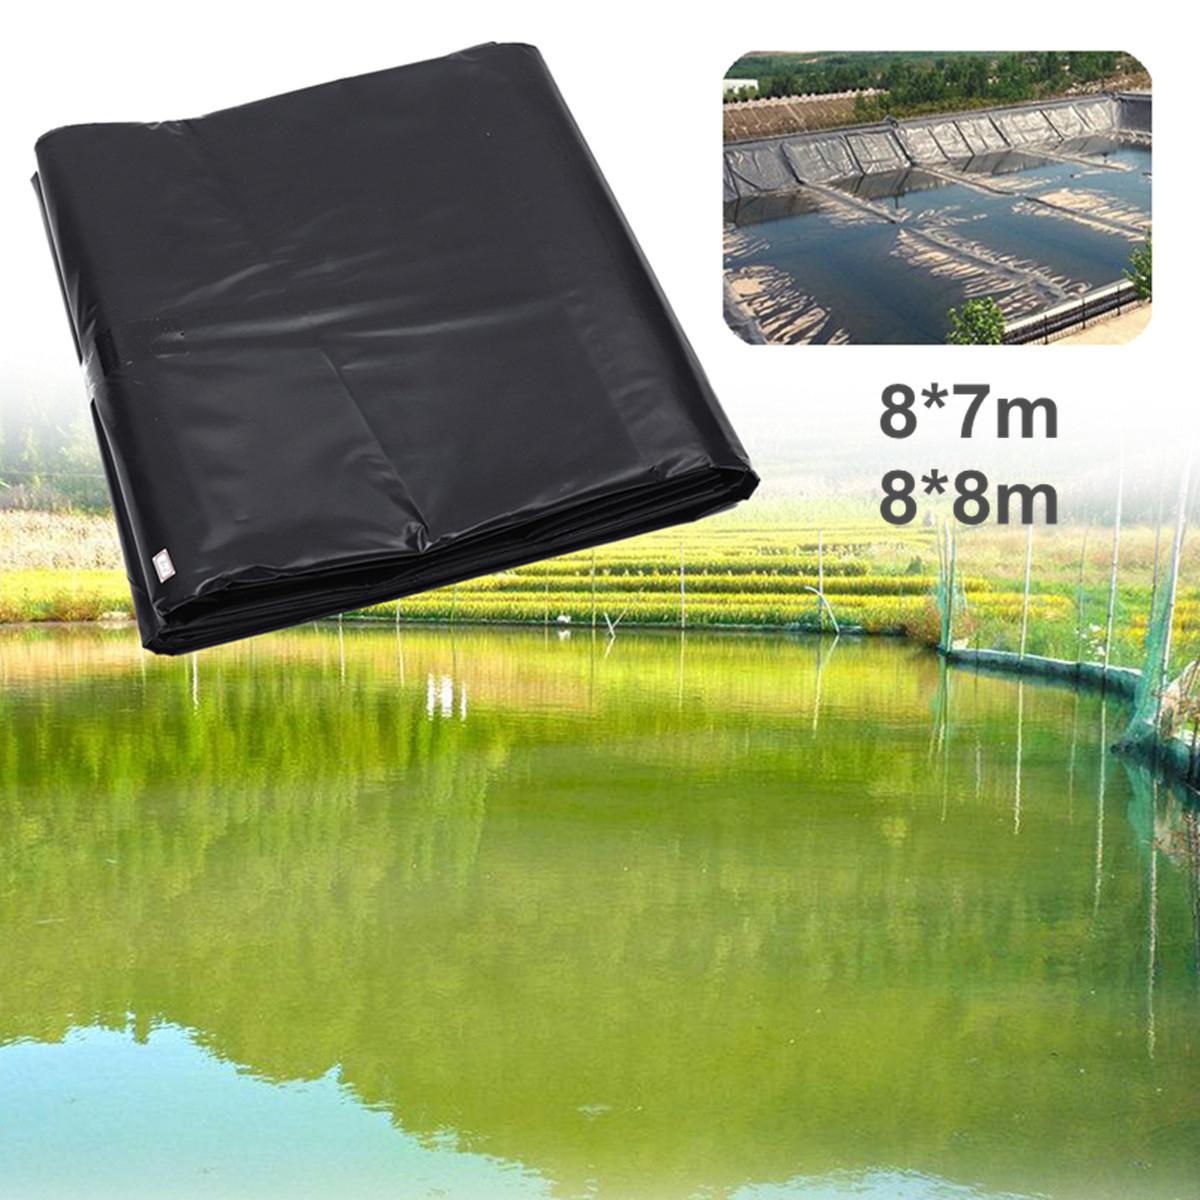 Details About 8M Pond Liners Durable Bâche Pour Bassin Étang De Jardin Film  Aquarium Fish Noir destiné Liner Piscine Prix